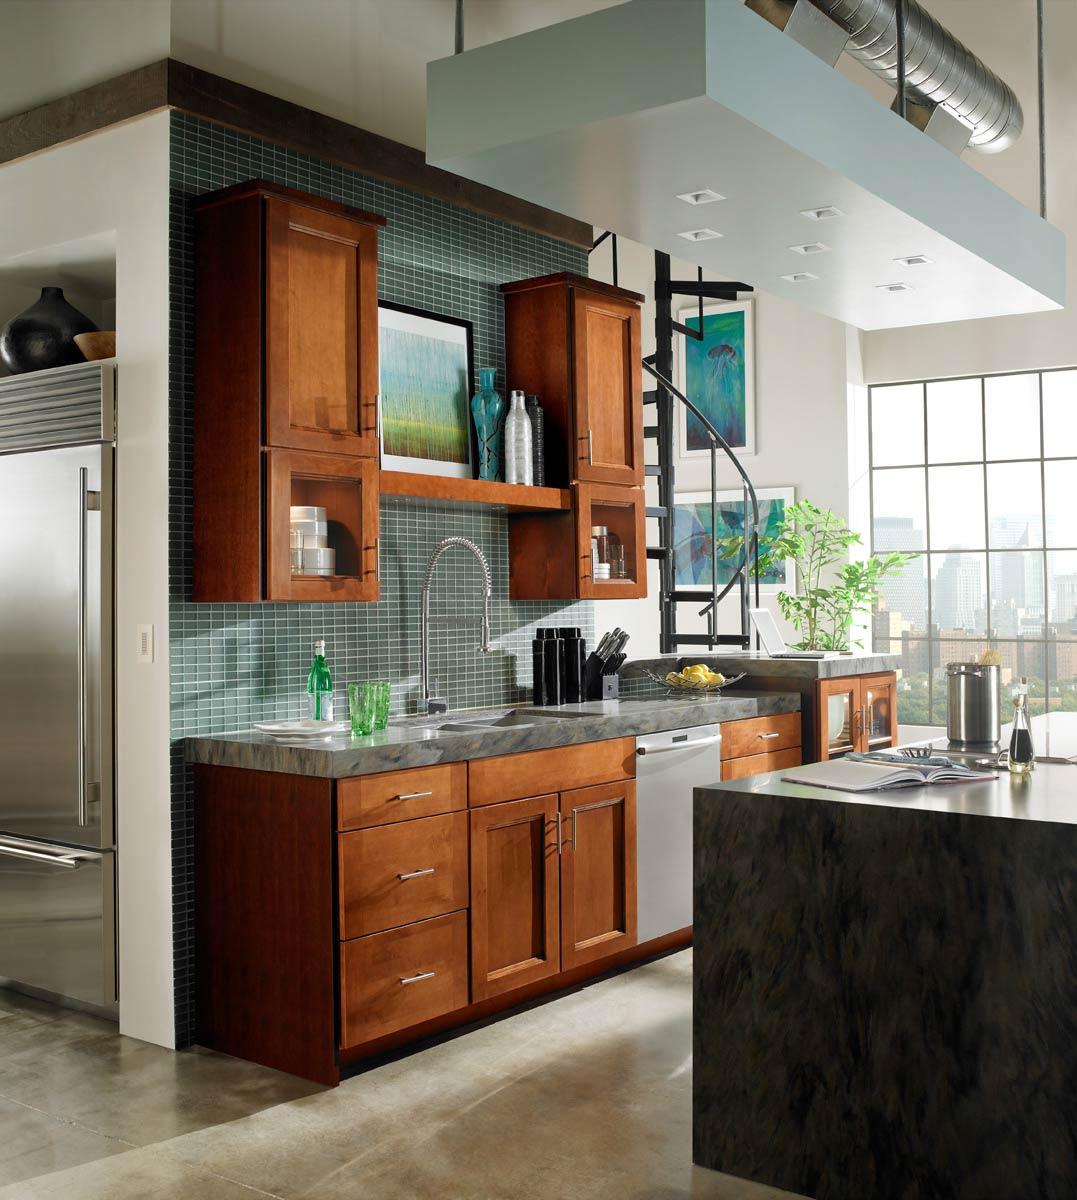 Waypoint Kitchen Style 420T in Maple Auburn Glaze